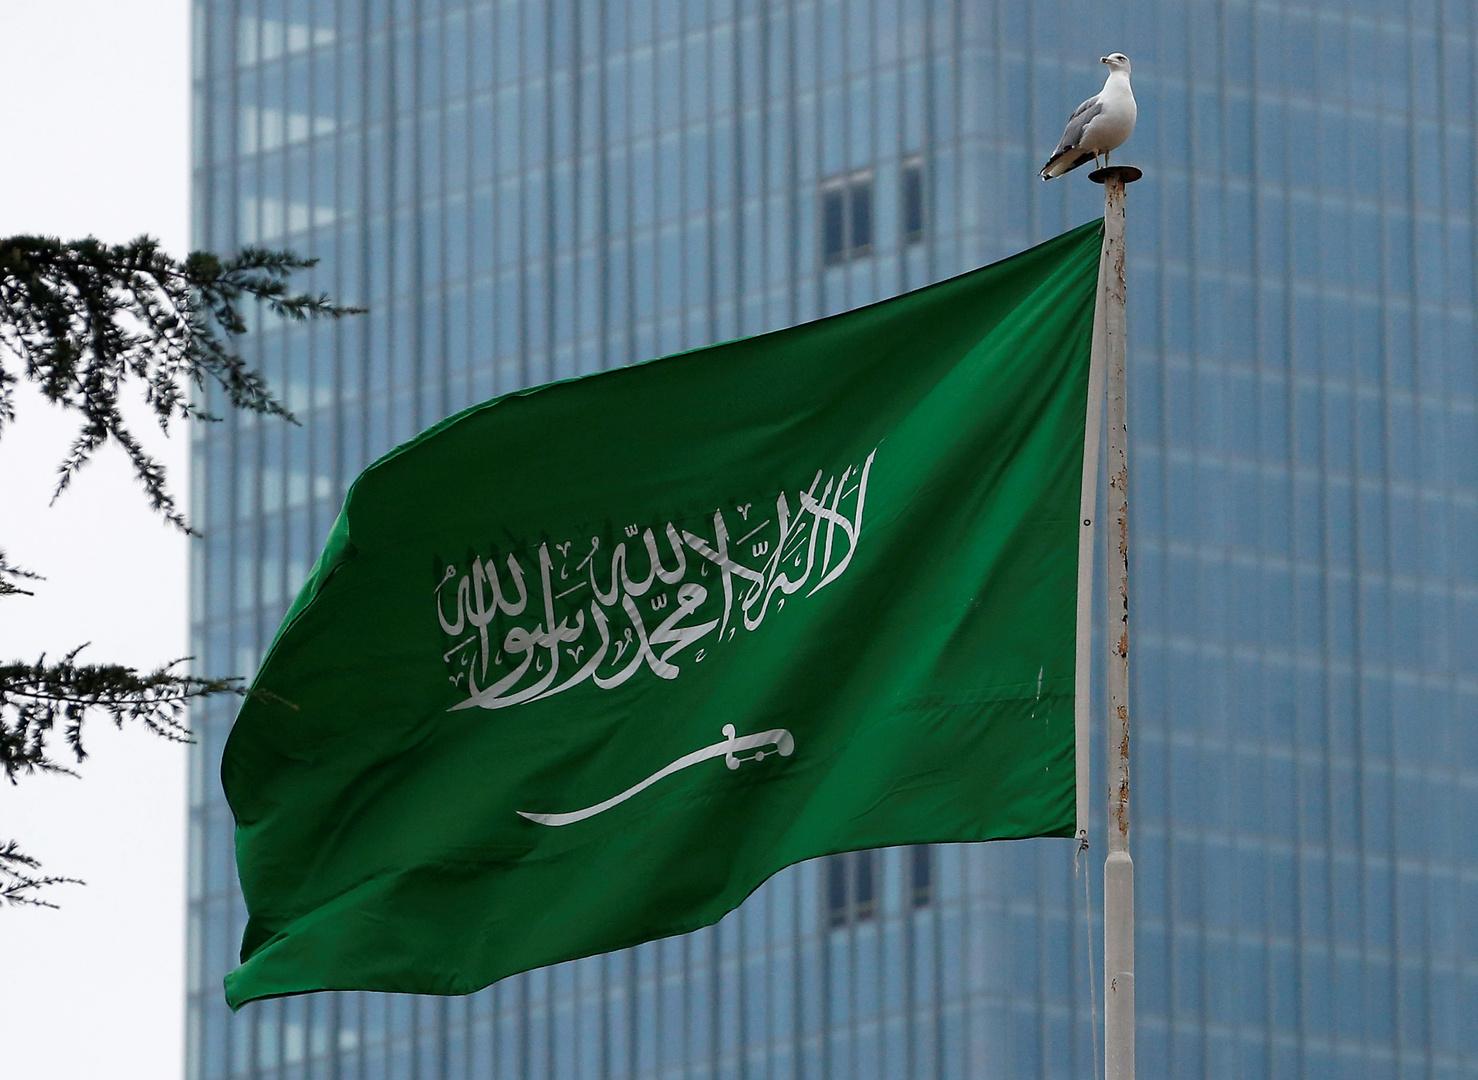 مسؤول أمريكي كبير لرويترز: السعودية تسمح للطائرات التجارية الإسرائيلية بعبور أجوائها إلى الإمارات